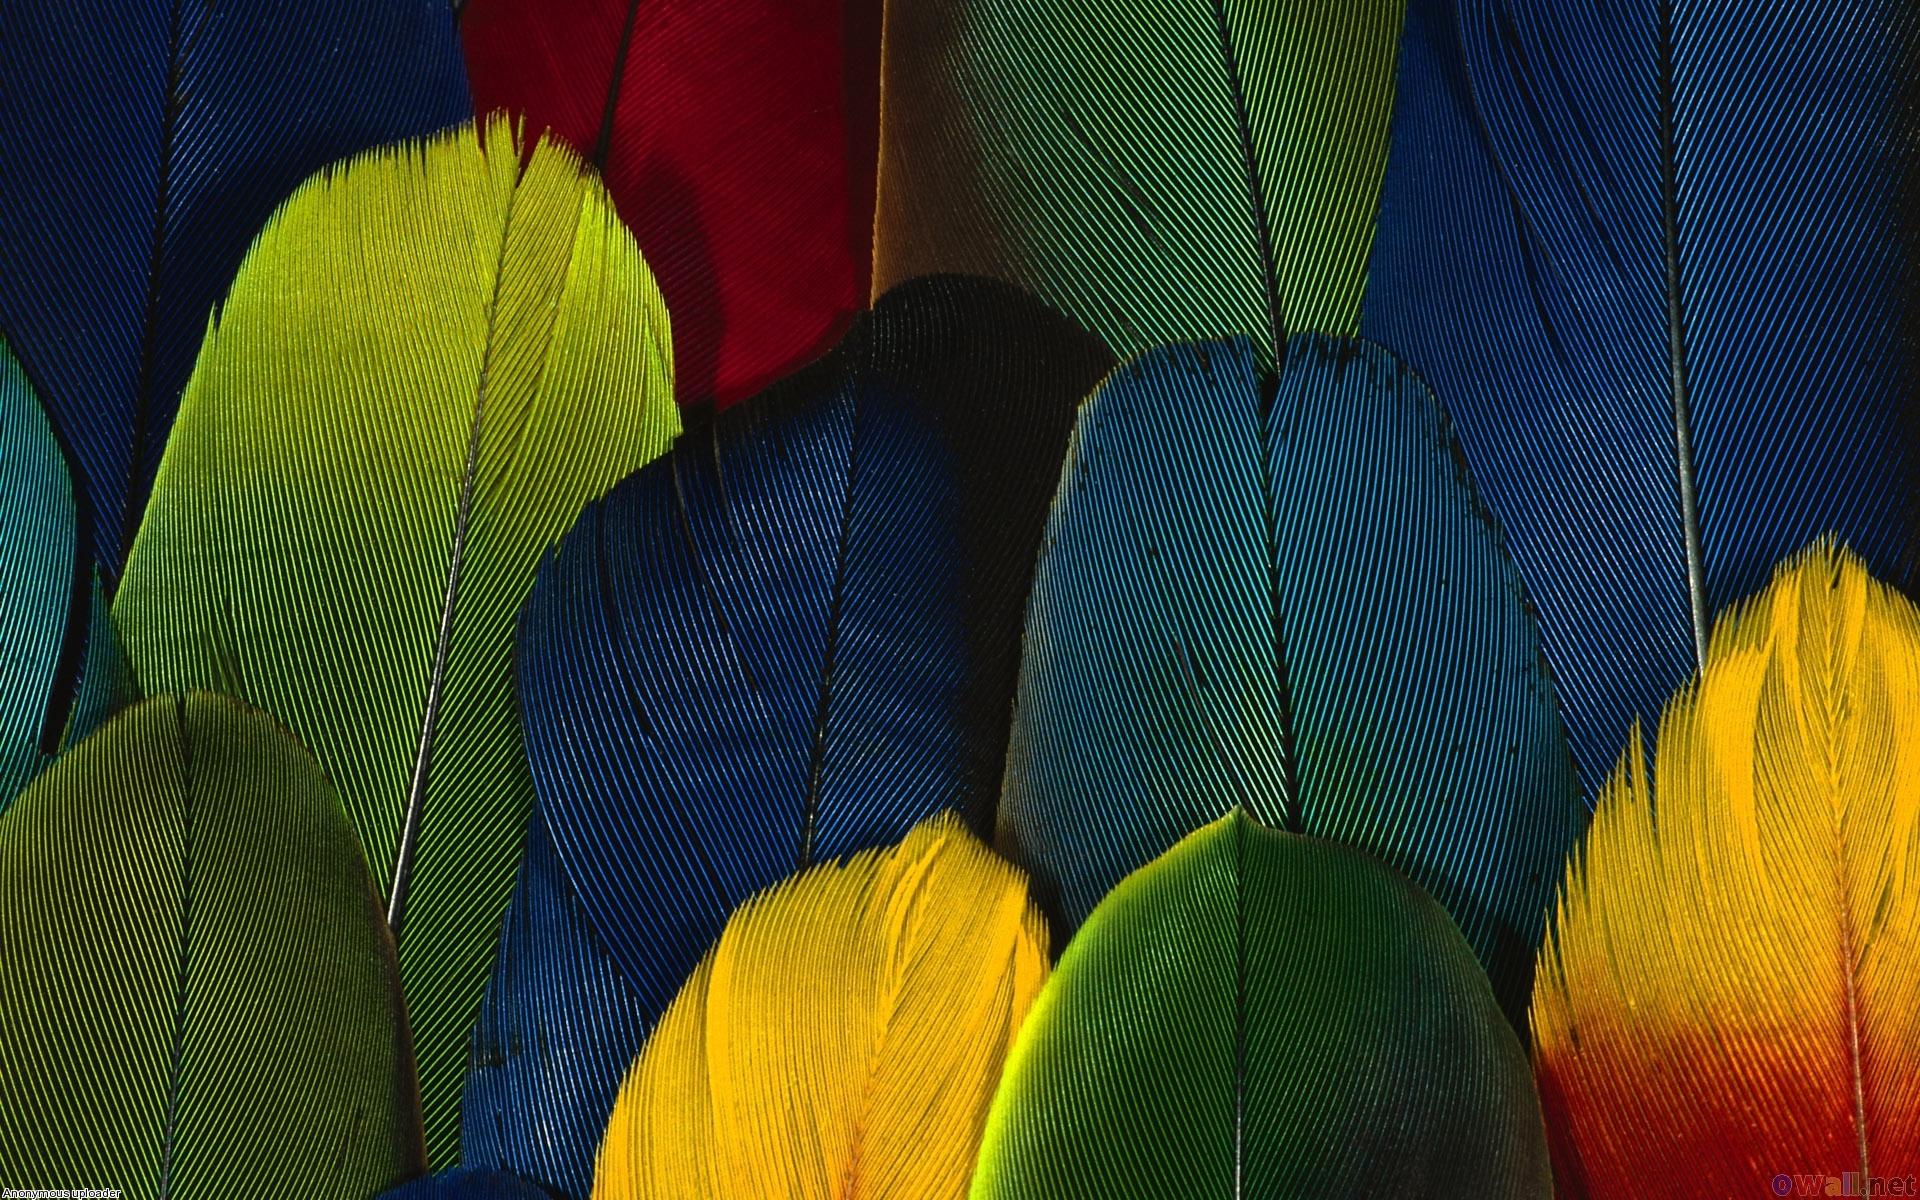 разноцветные перья попугая, скачать фото, обои для рабочего стола